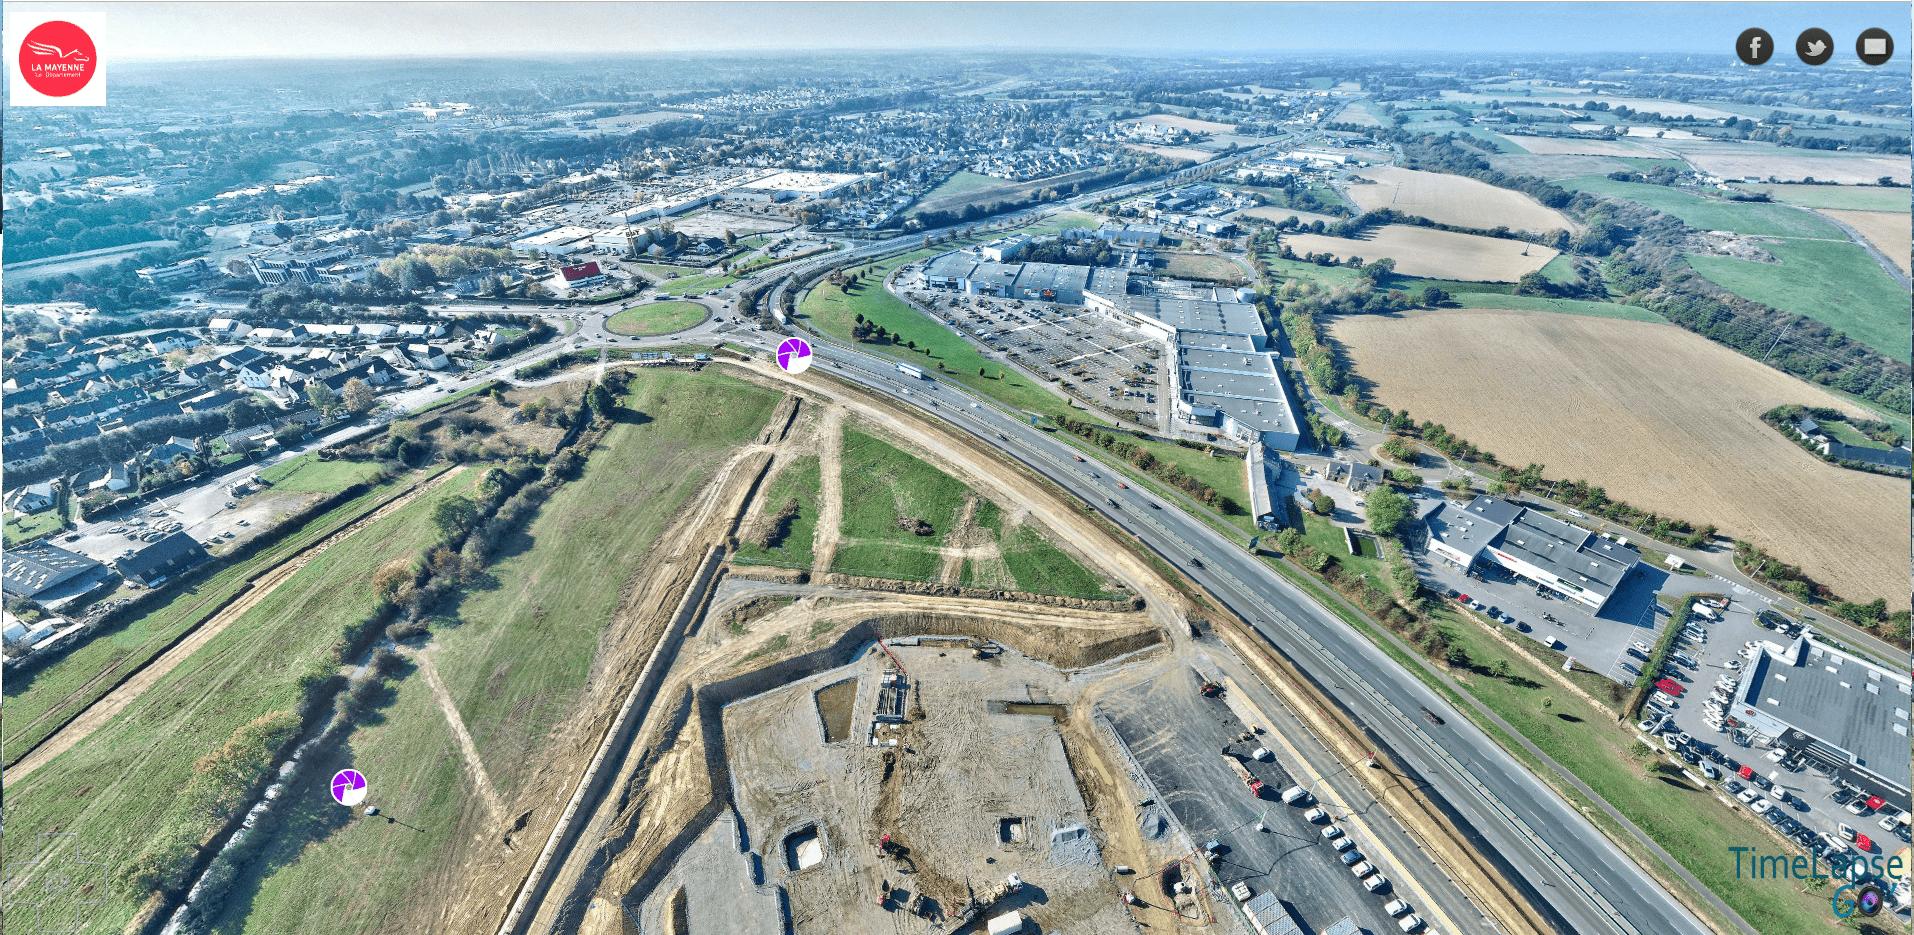 La Mayenne Vue Aérienne par Drones